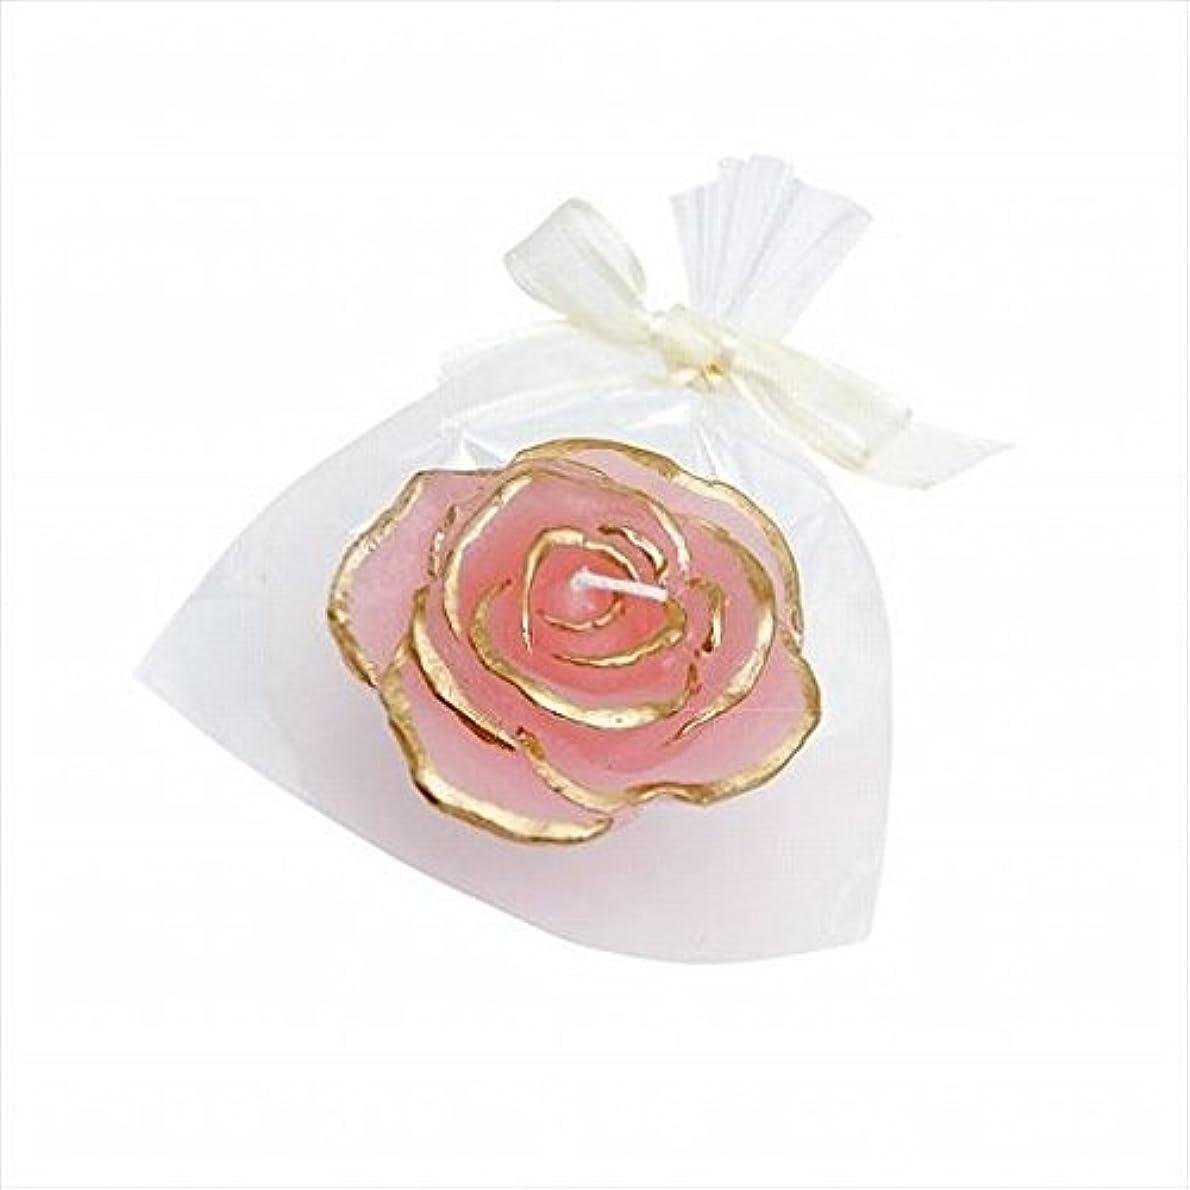 投げ捨てるマイナス留まるkameyama candle(カメヤマキャンドル) プリンセスローズ 「 ピンク 」(A6390500PK)